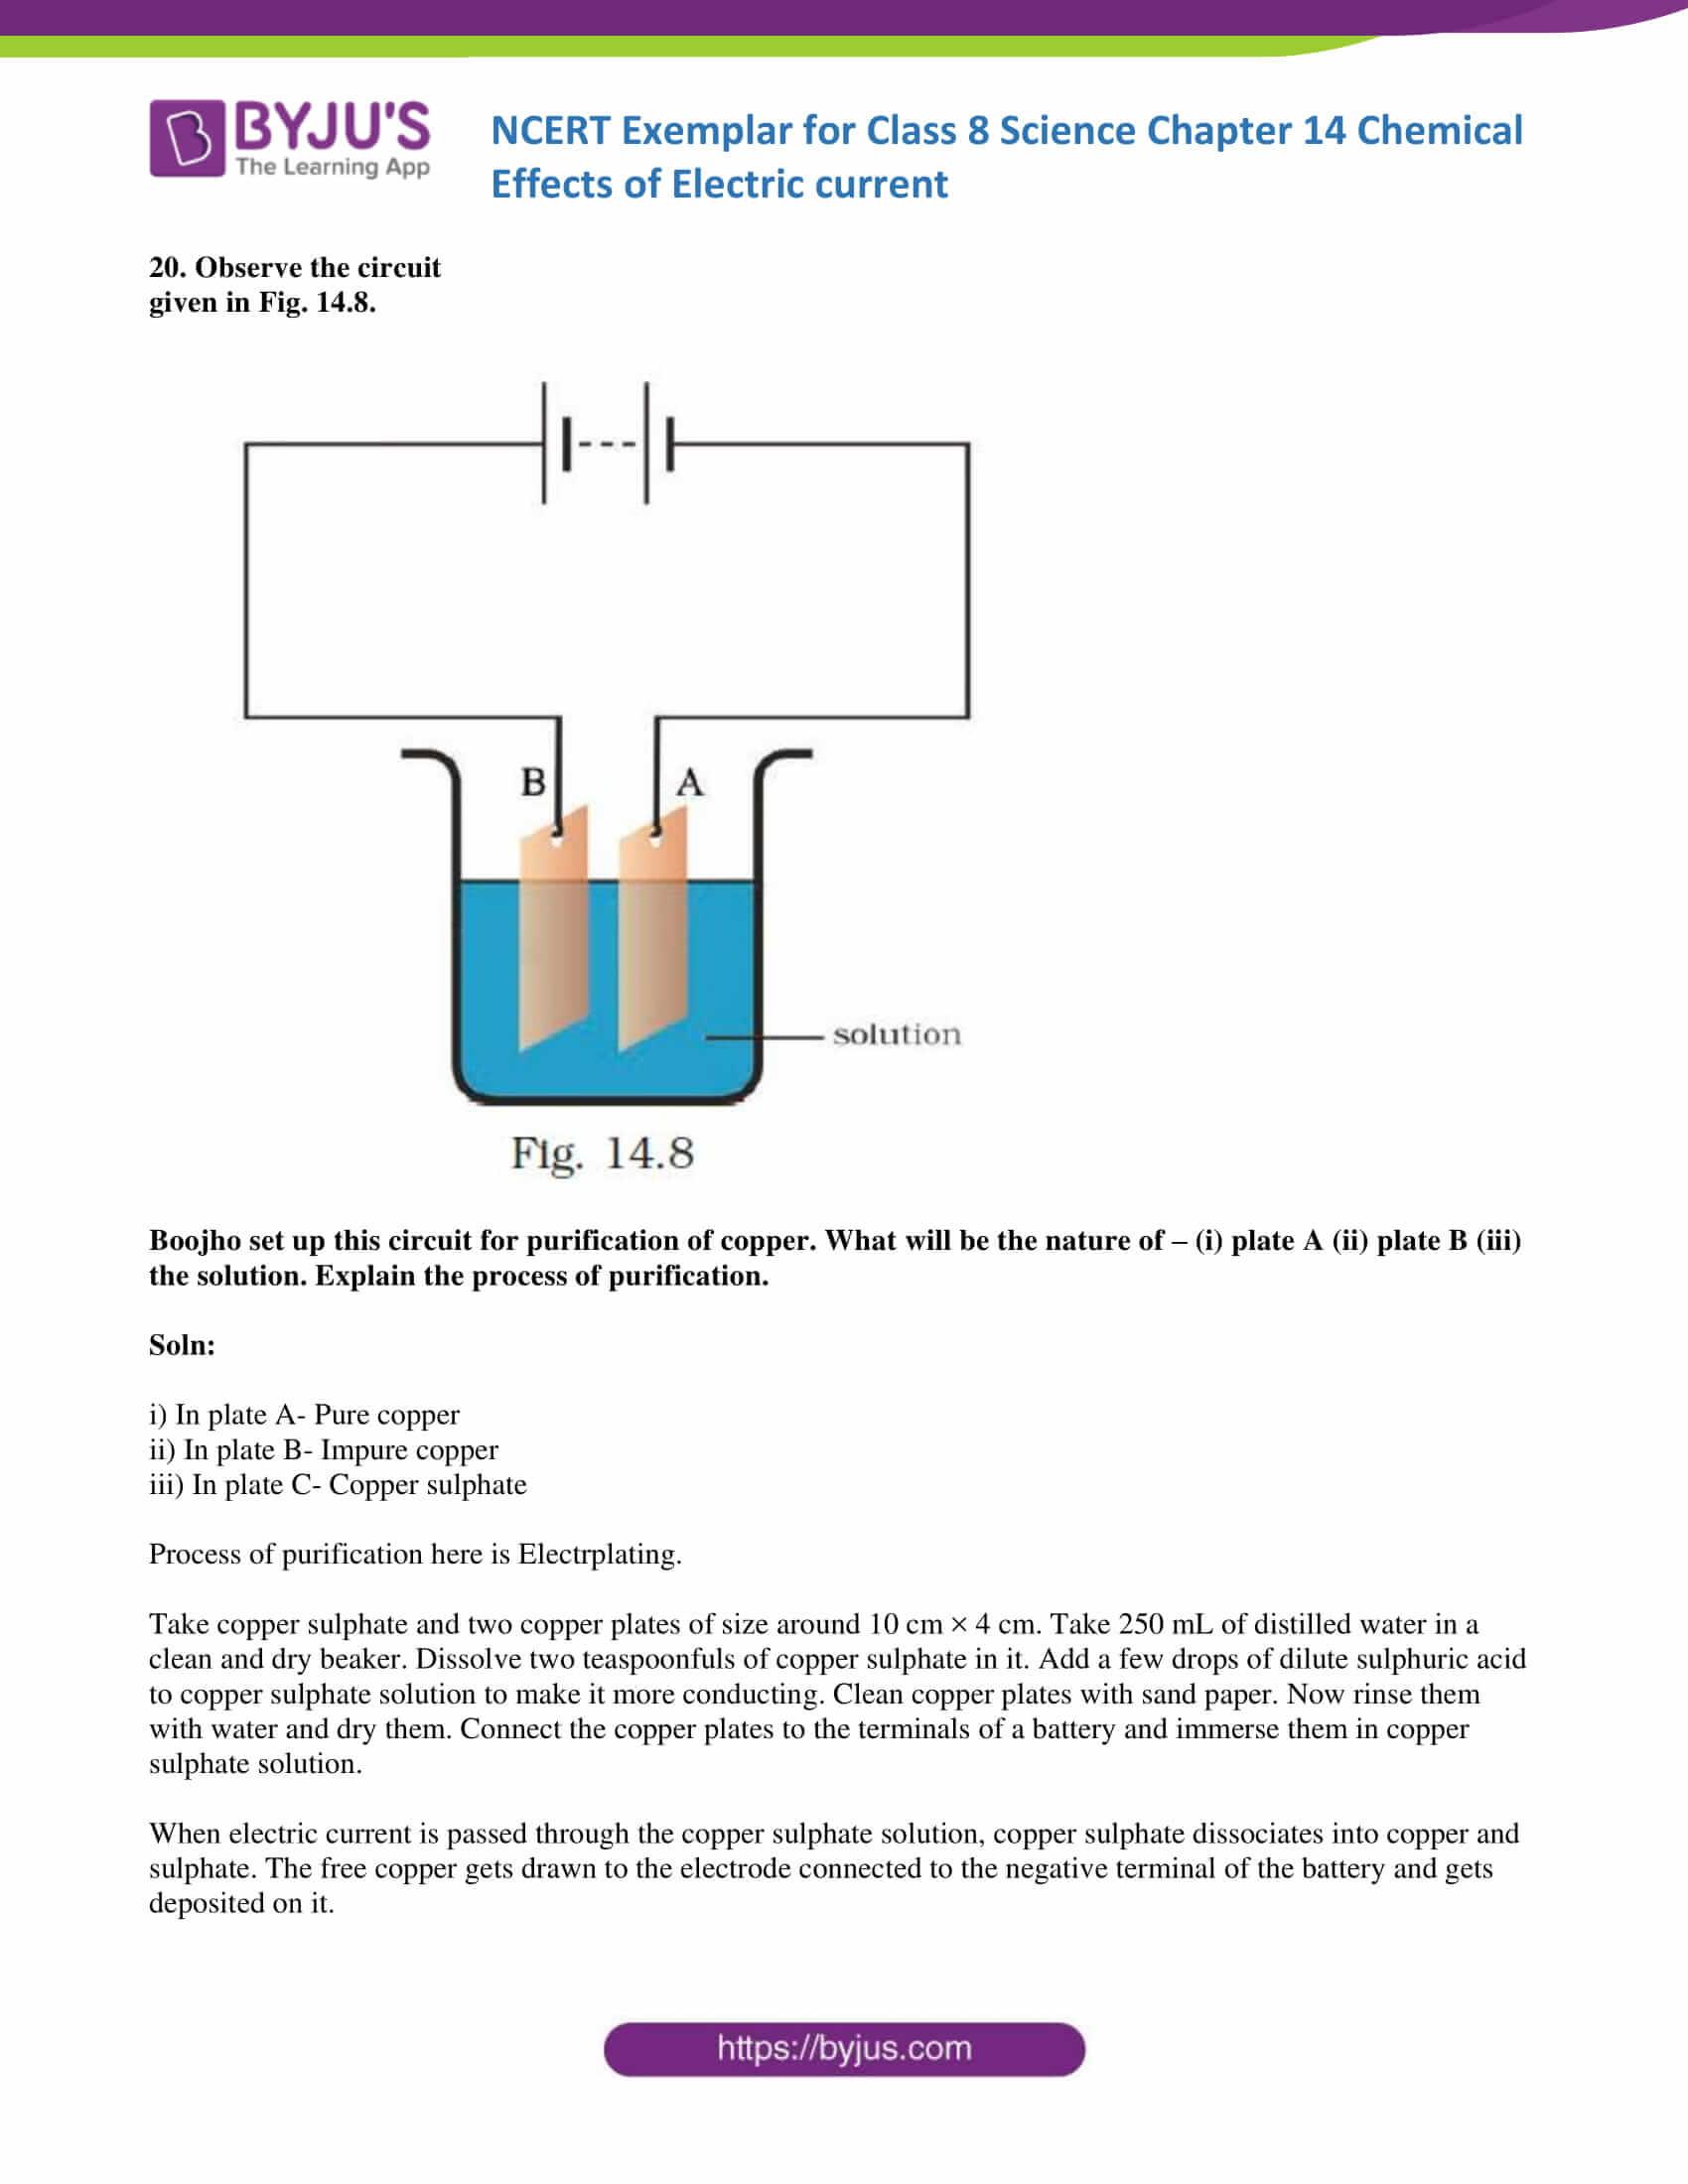 NCERT Exemplar solution class 8 science chapter 14 part 11